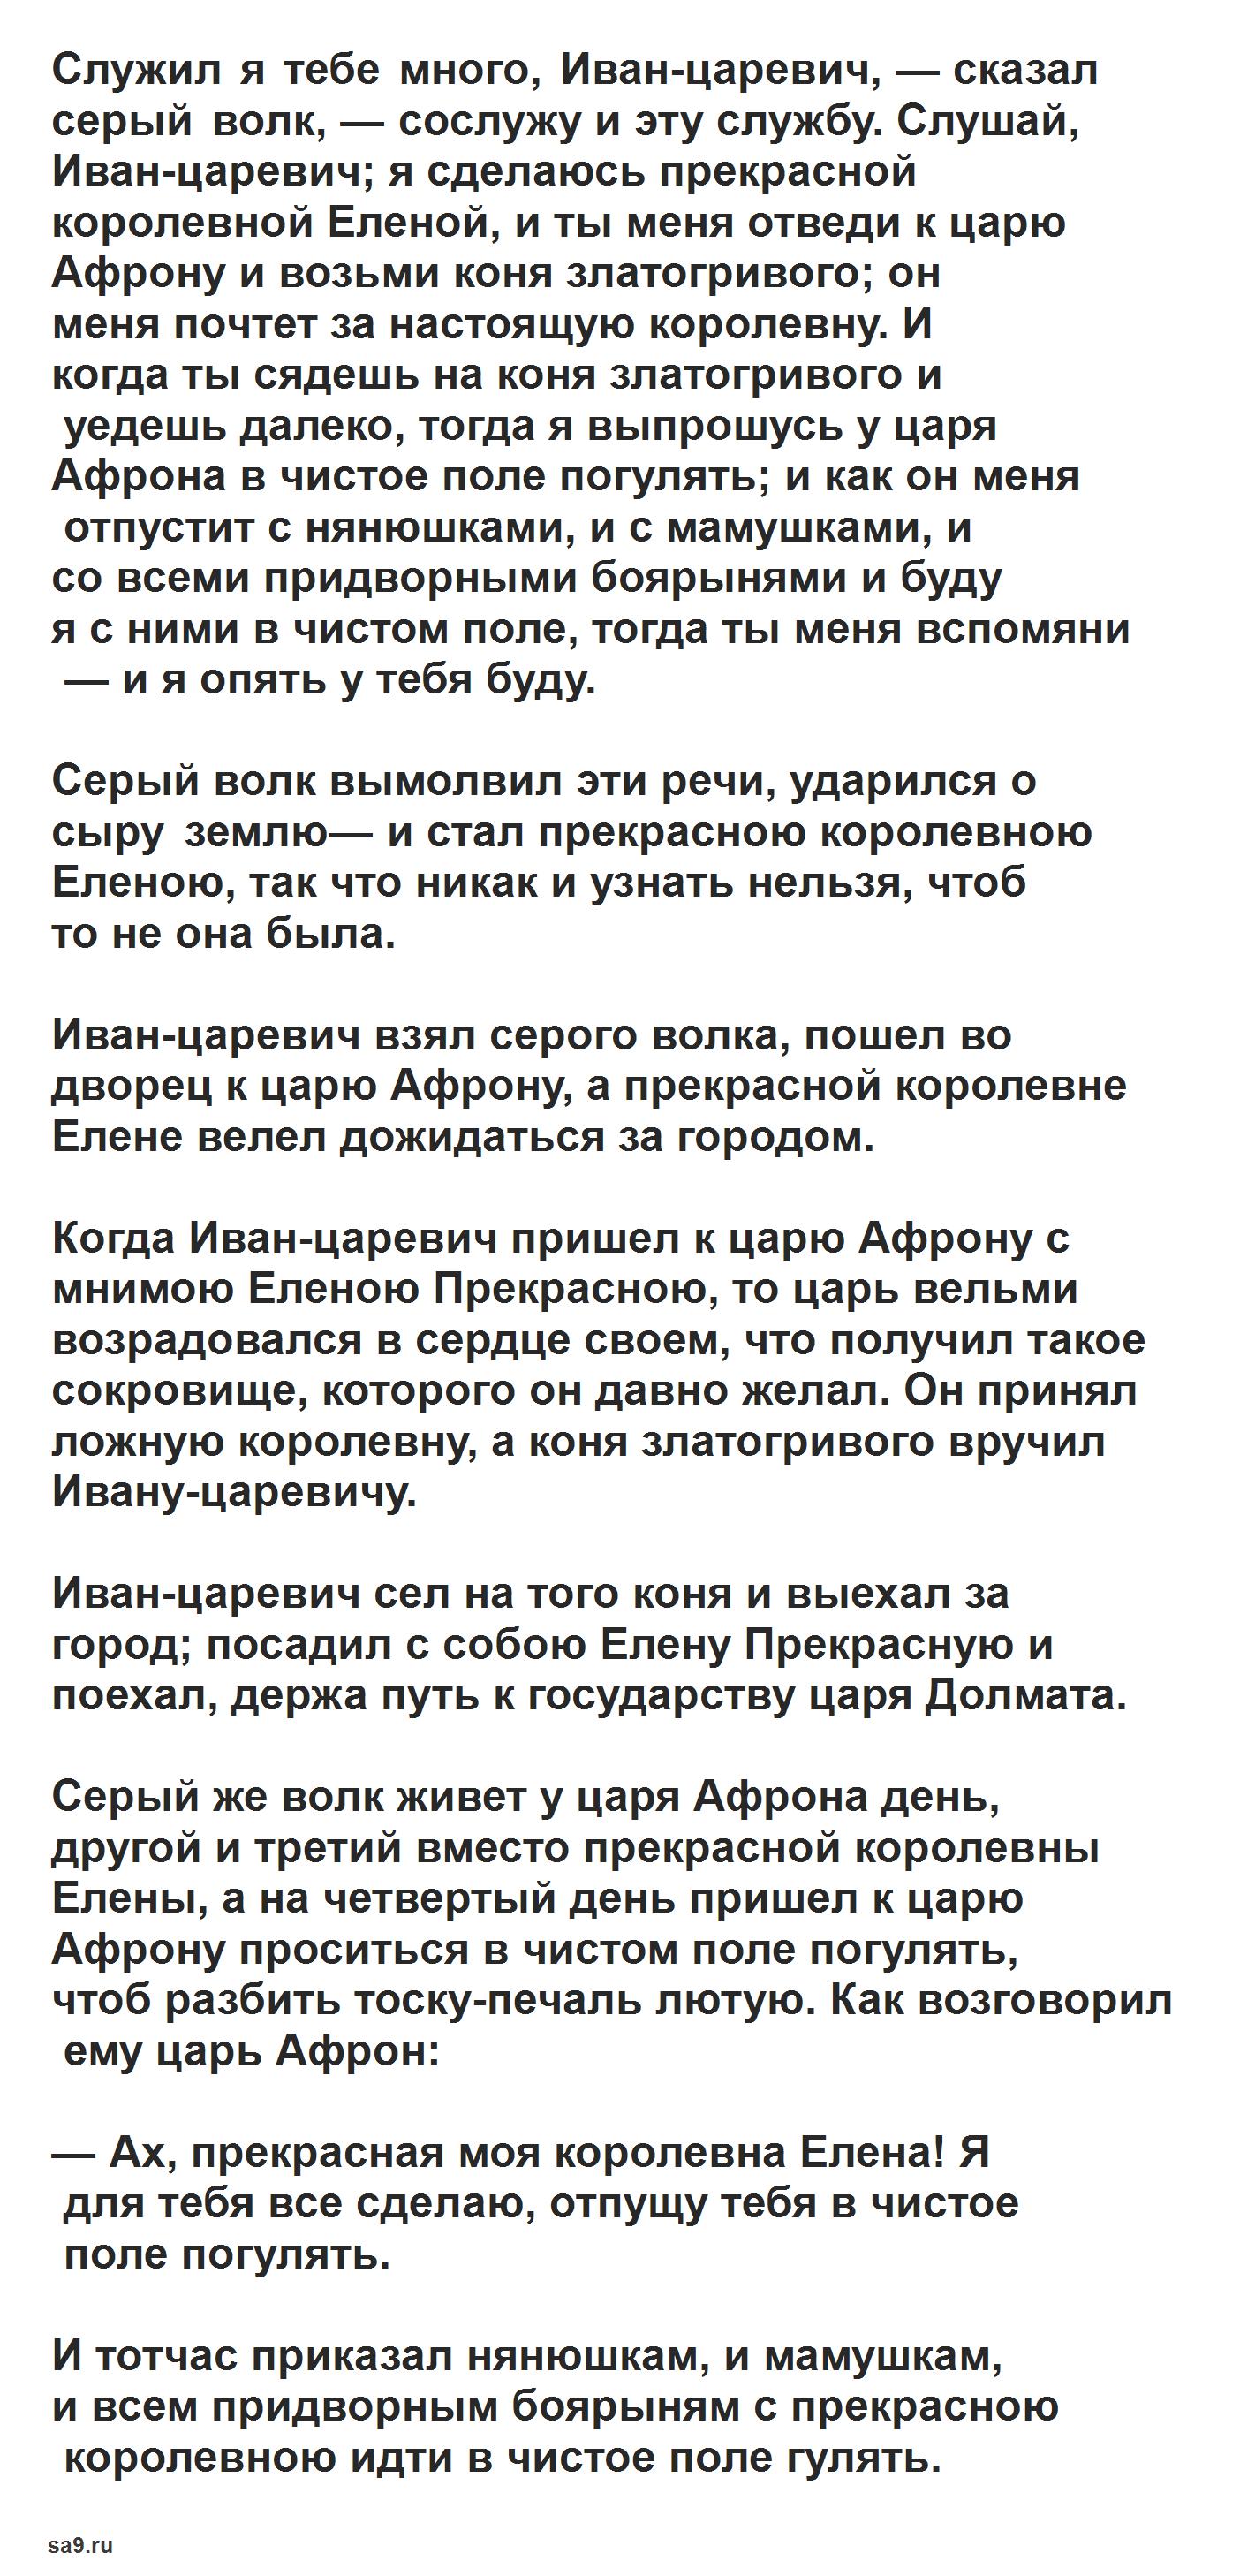 Читать русскую народную сказку - Об Иване царевиче, жар птице и сером волке